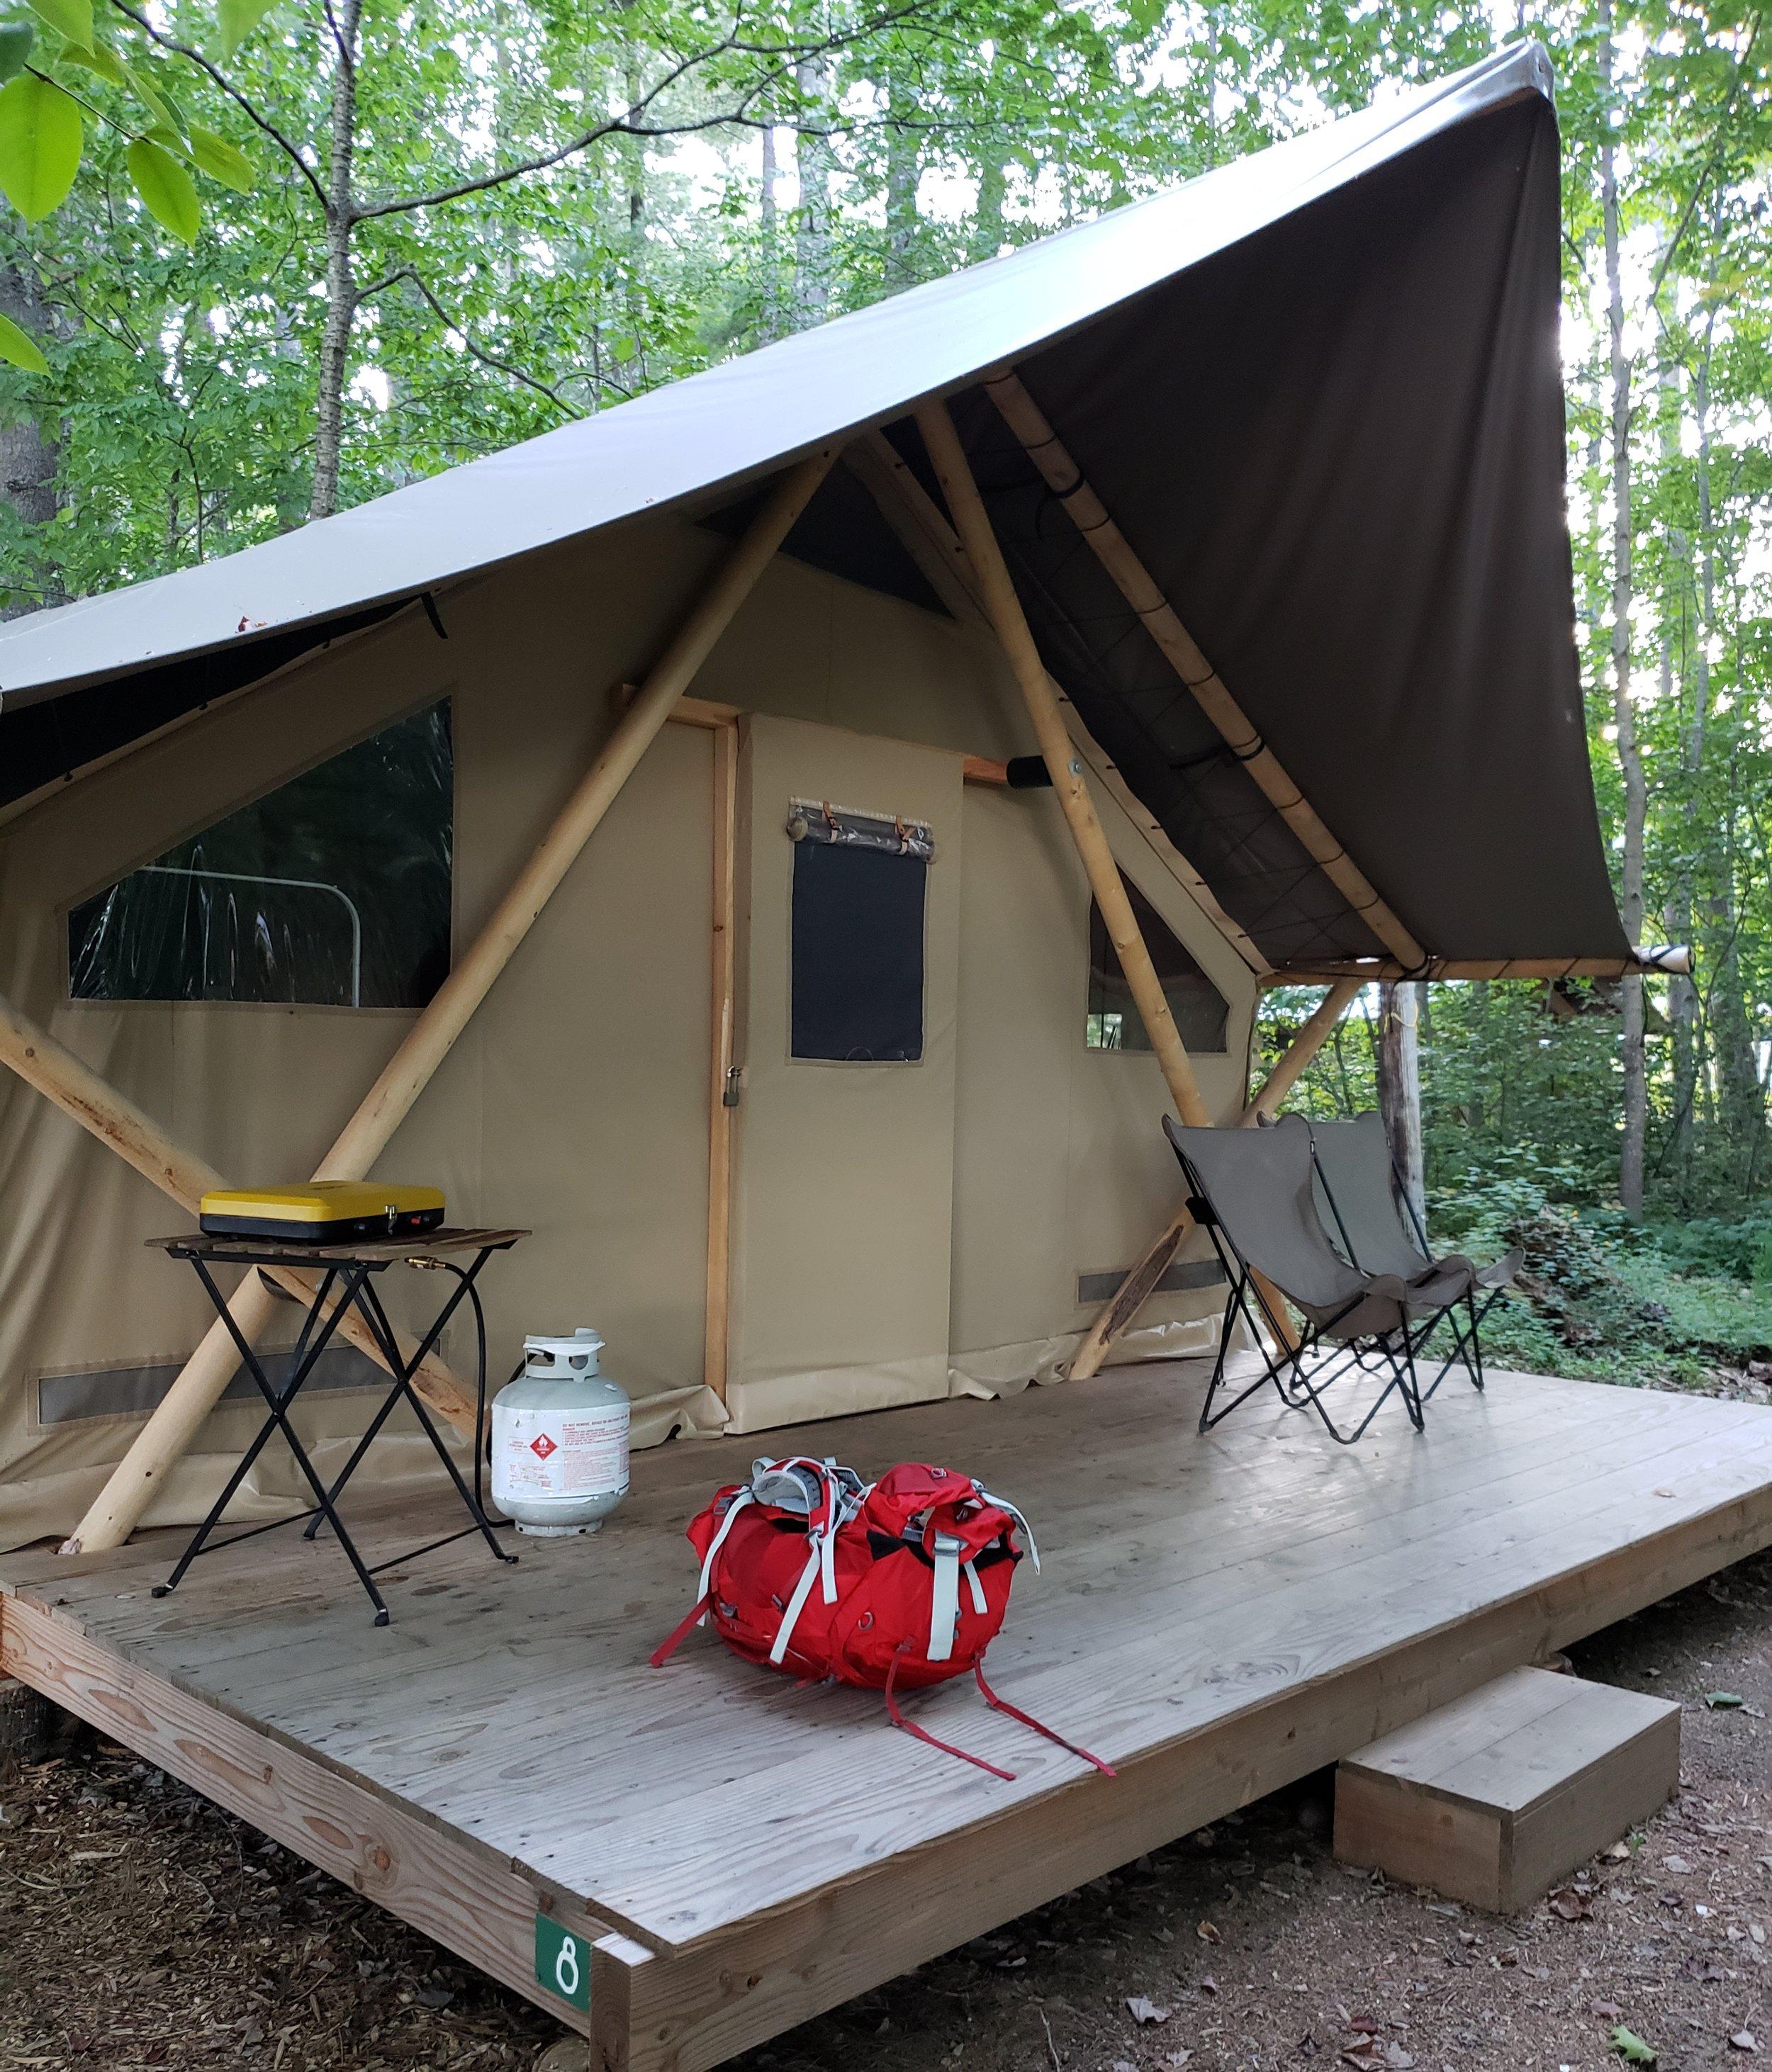 Huttopia Trappeur tent #8